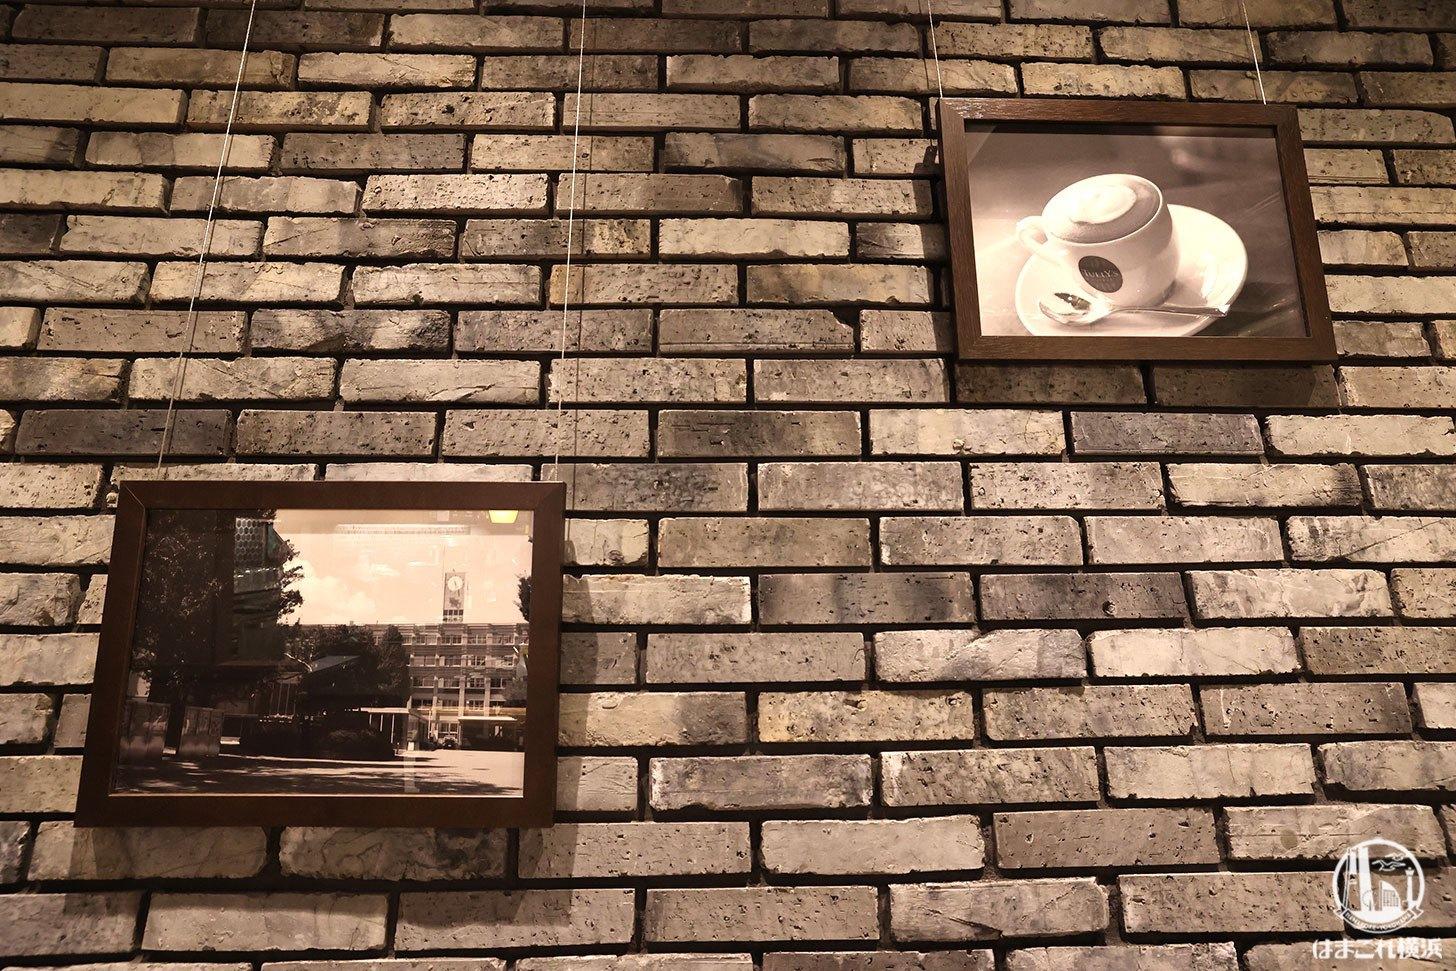 壁面に飾られた「 神奈川大学 横浜キャンパス」の写真